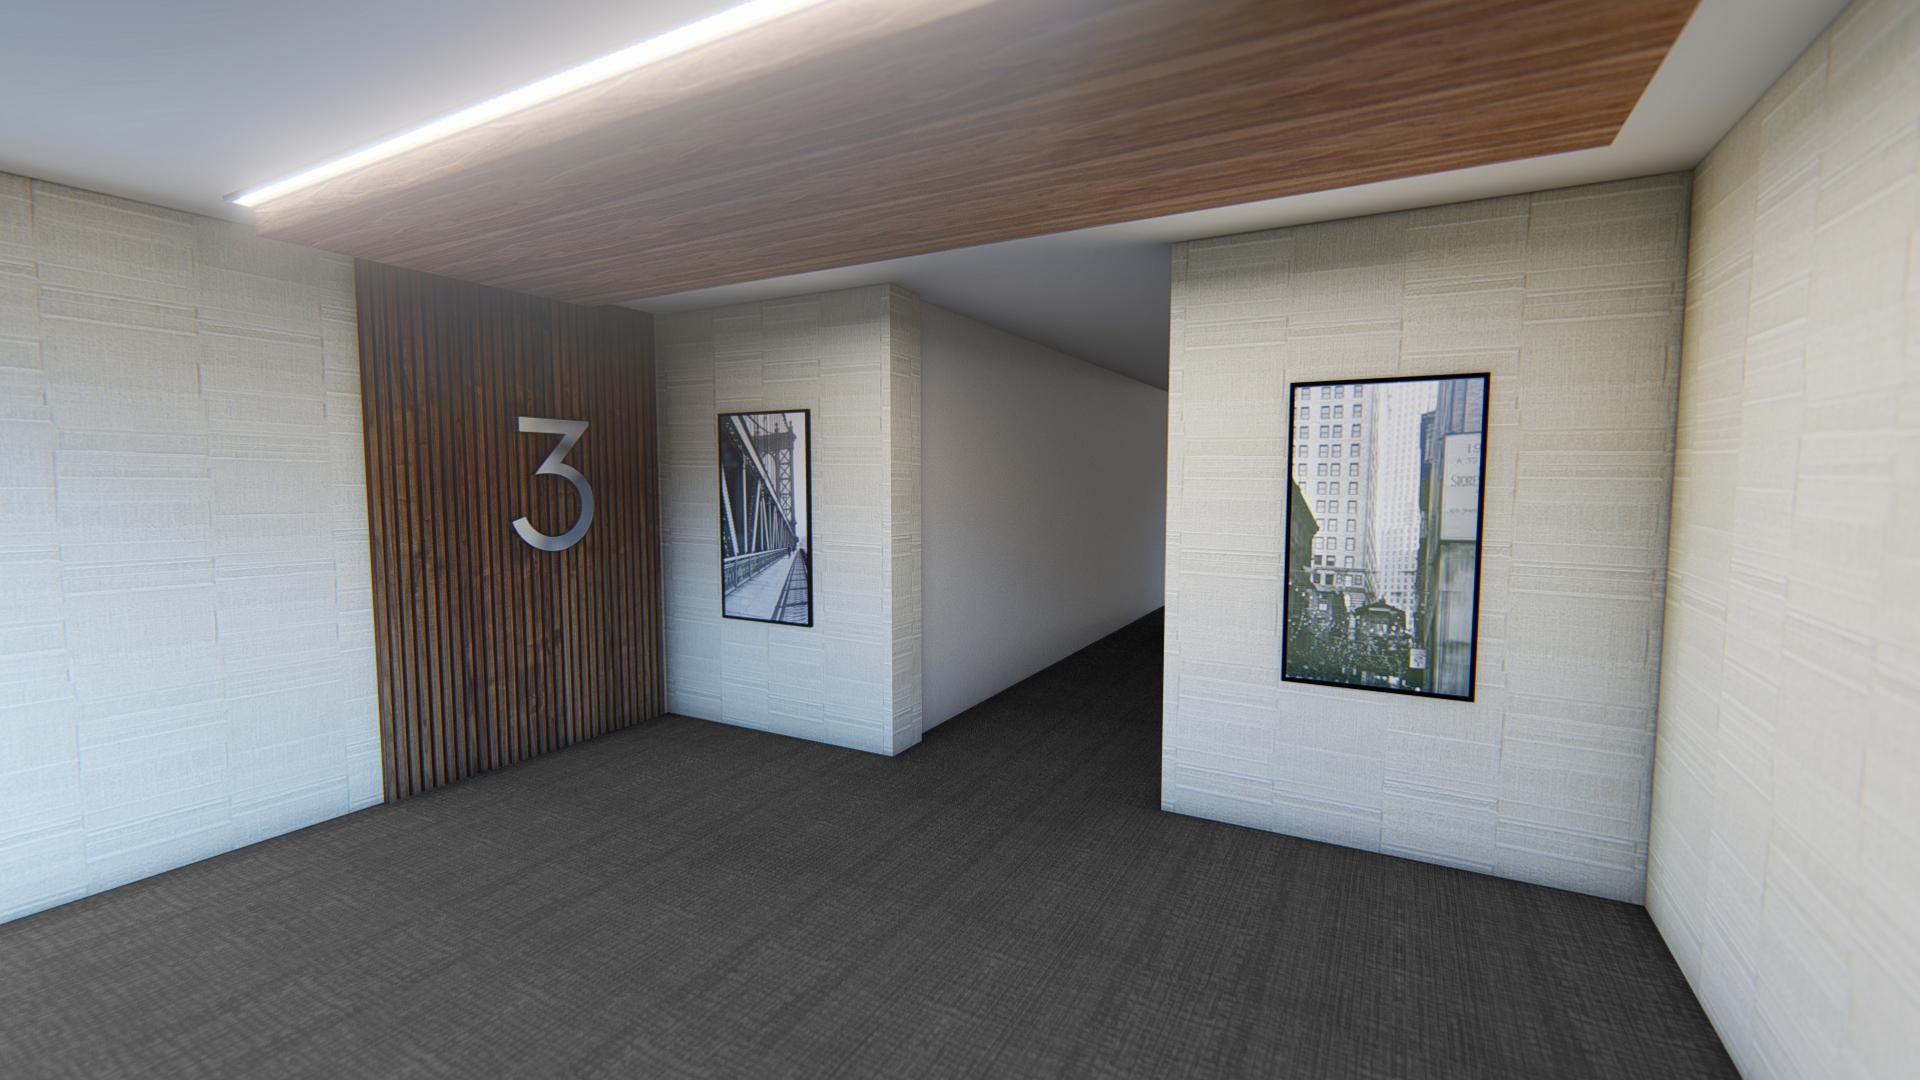 Corridor Intersection_Update.jpg